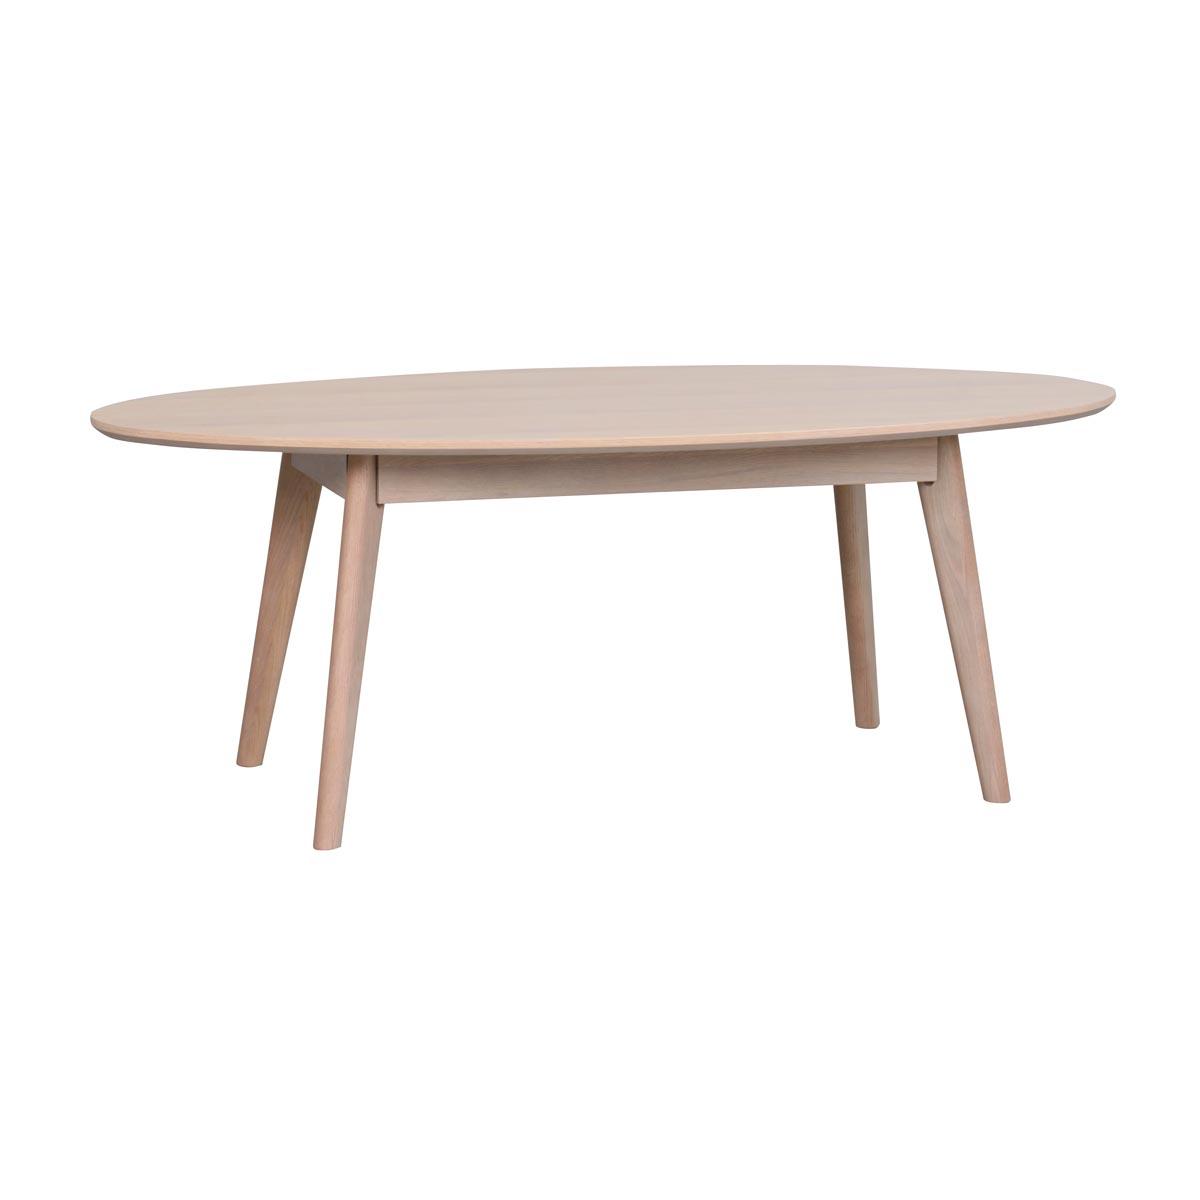 Yumi-ovalt-soffbord-ww-119226